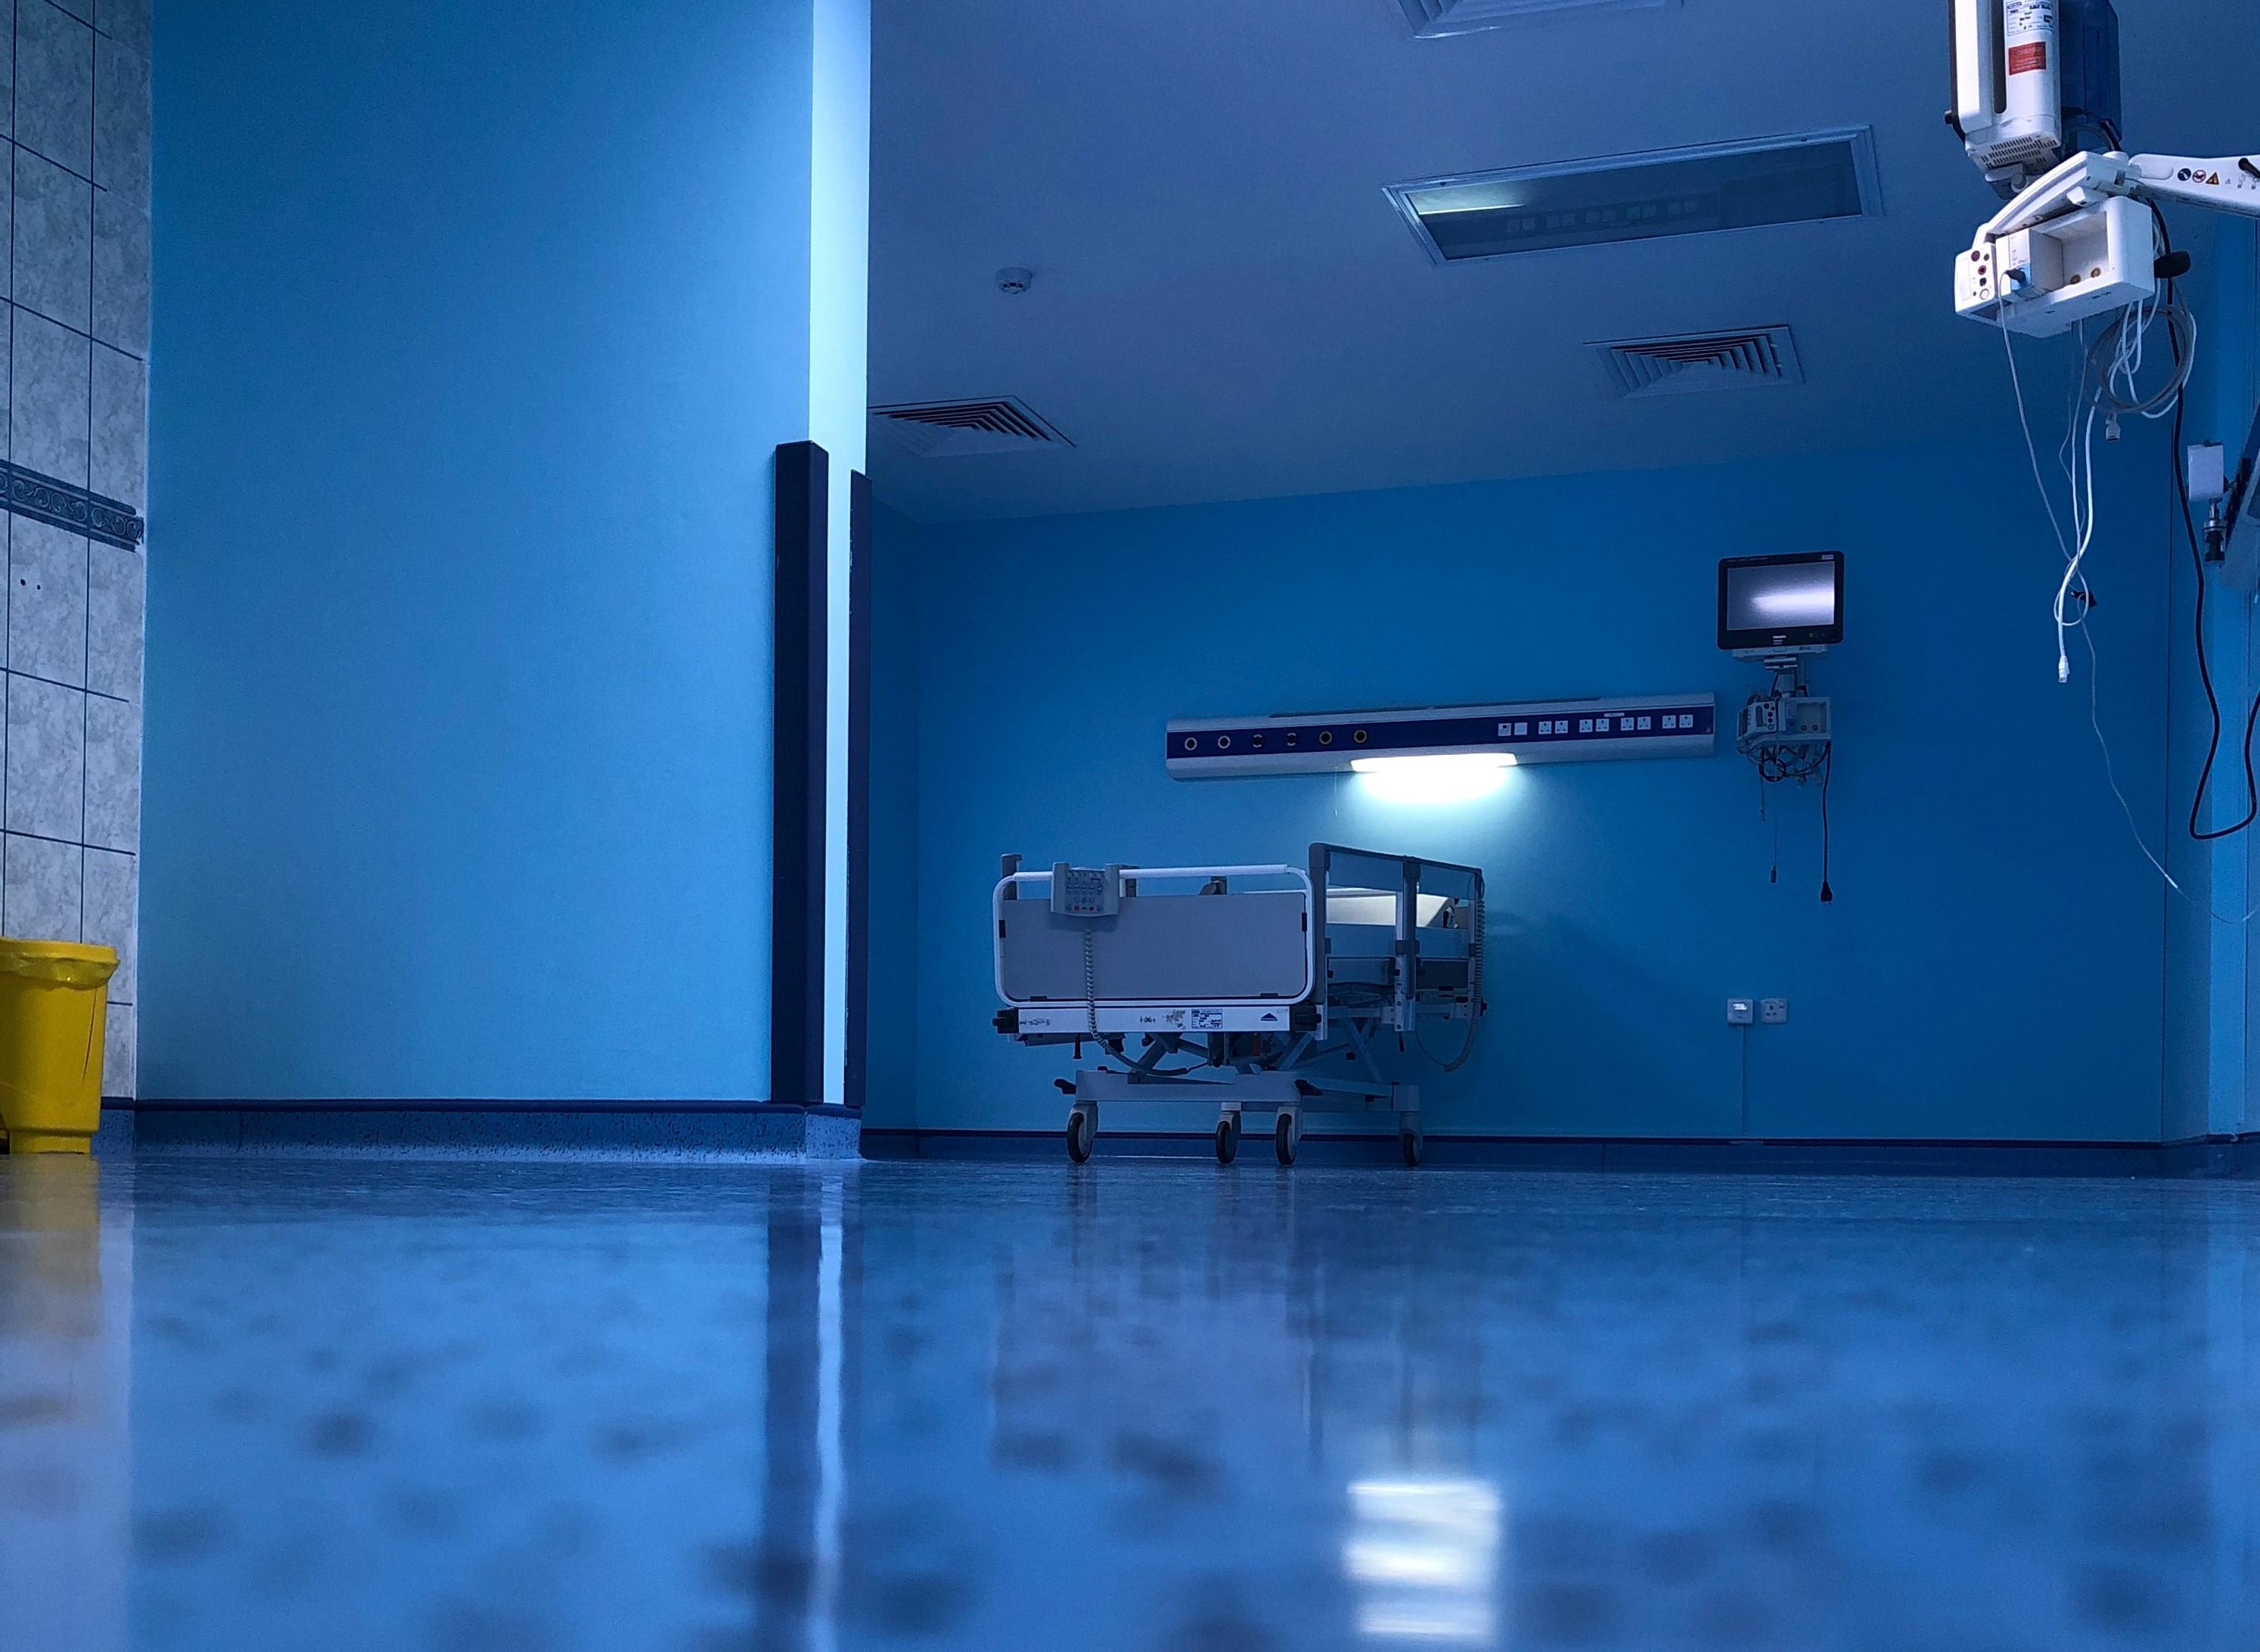 An empty hospital floor